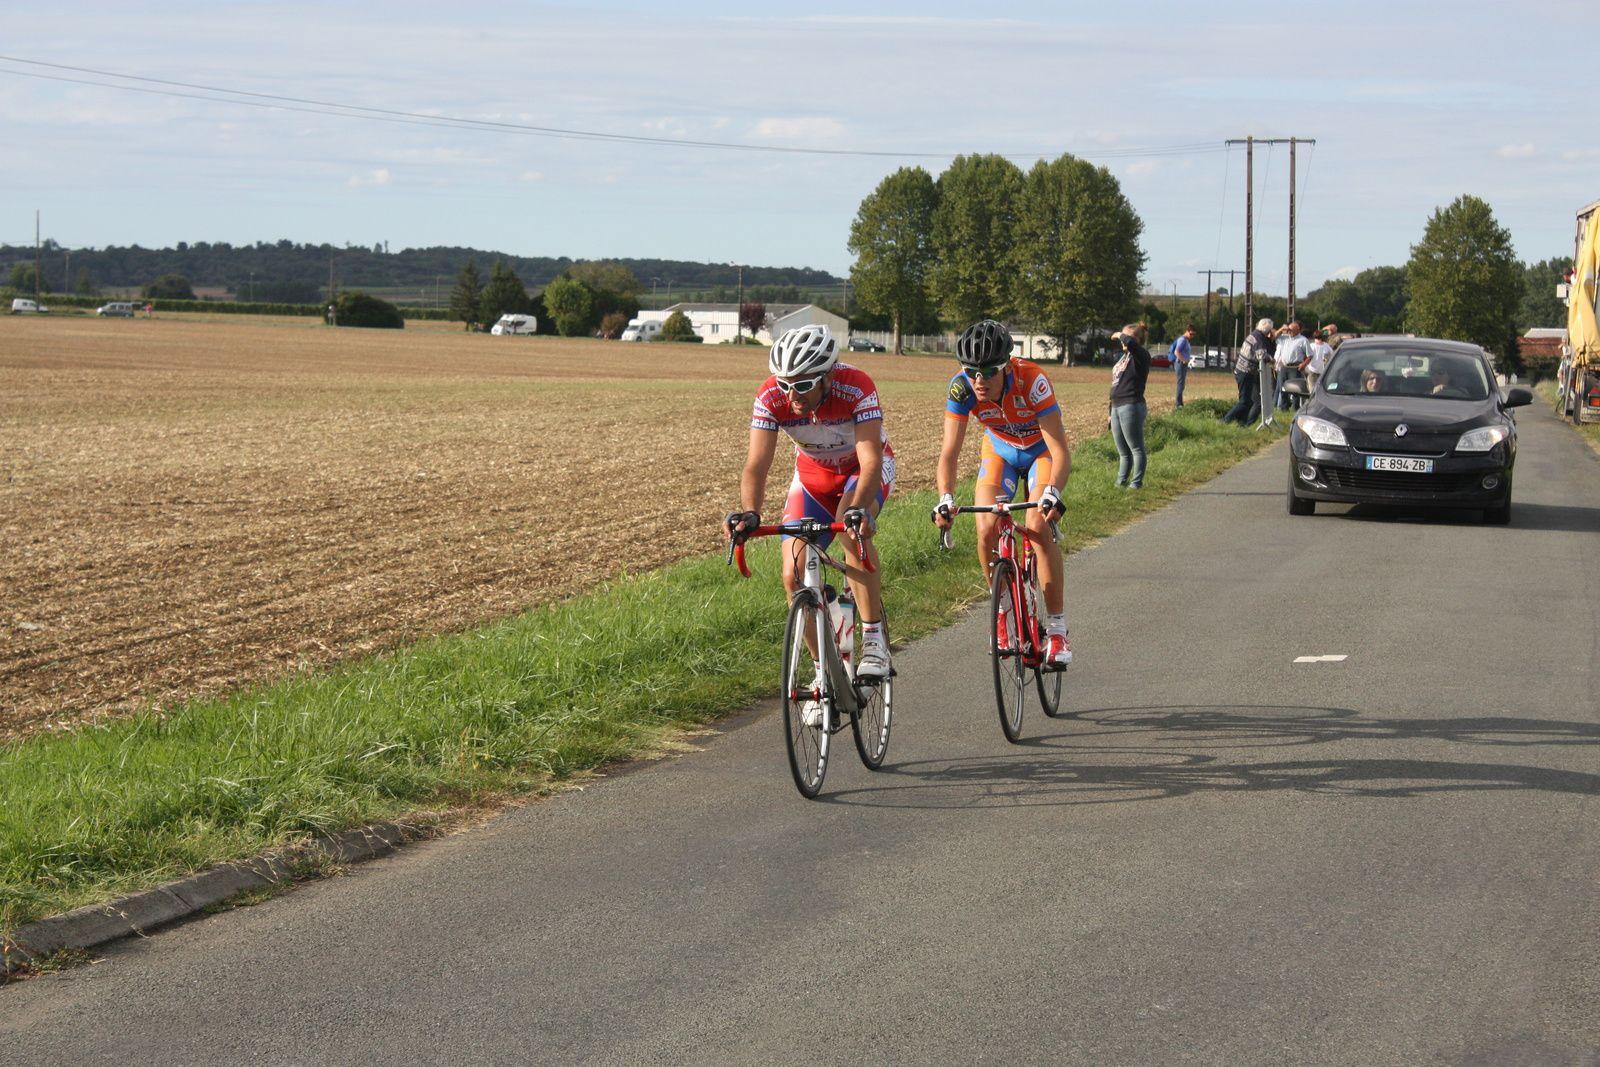 A  1  tour  de  l'arrivée  Christian  MONIER  tente  de  finir  seul  comme  à  Brizambourg  dimanche  dernier